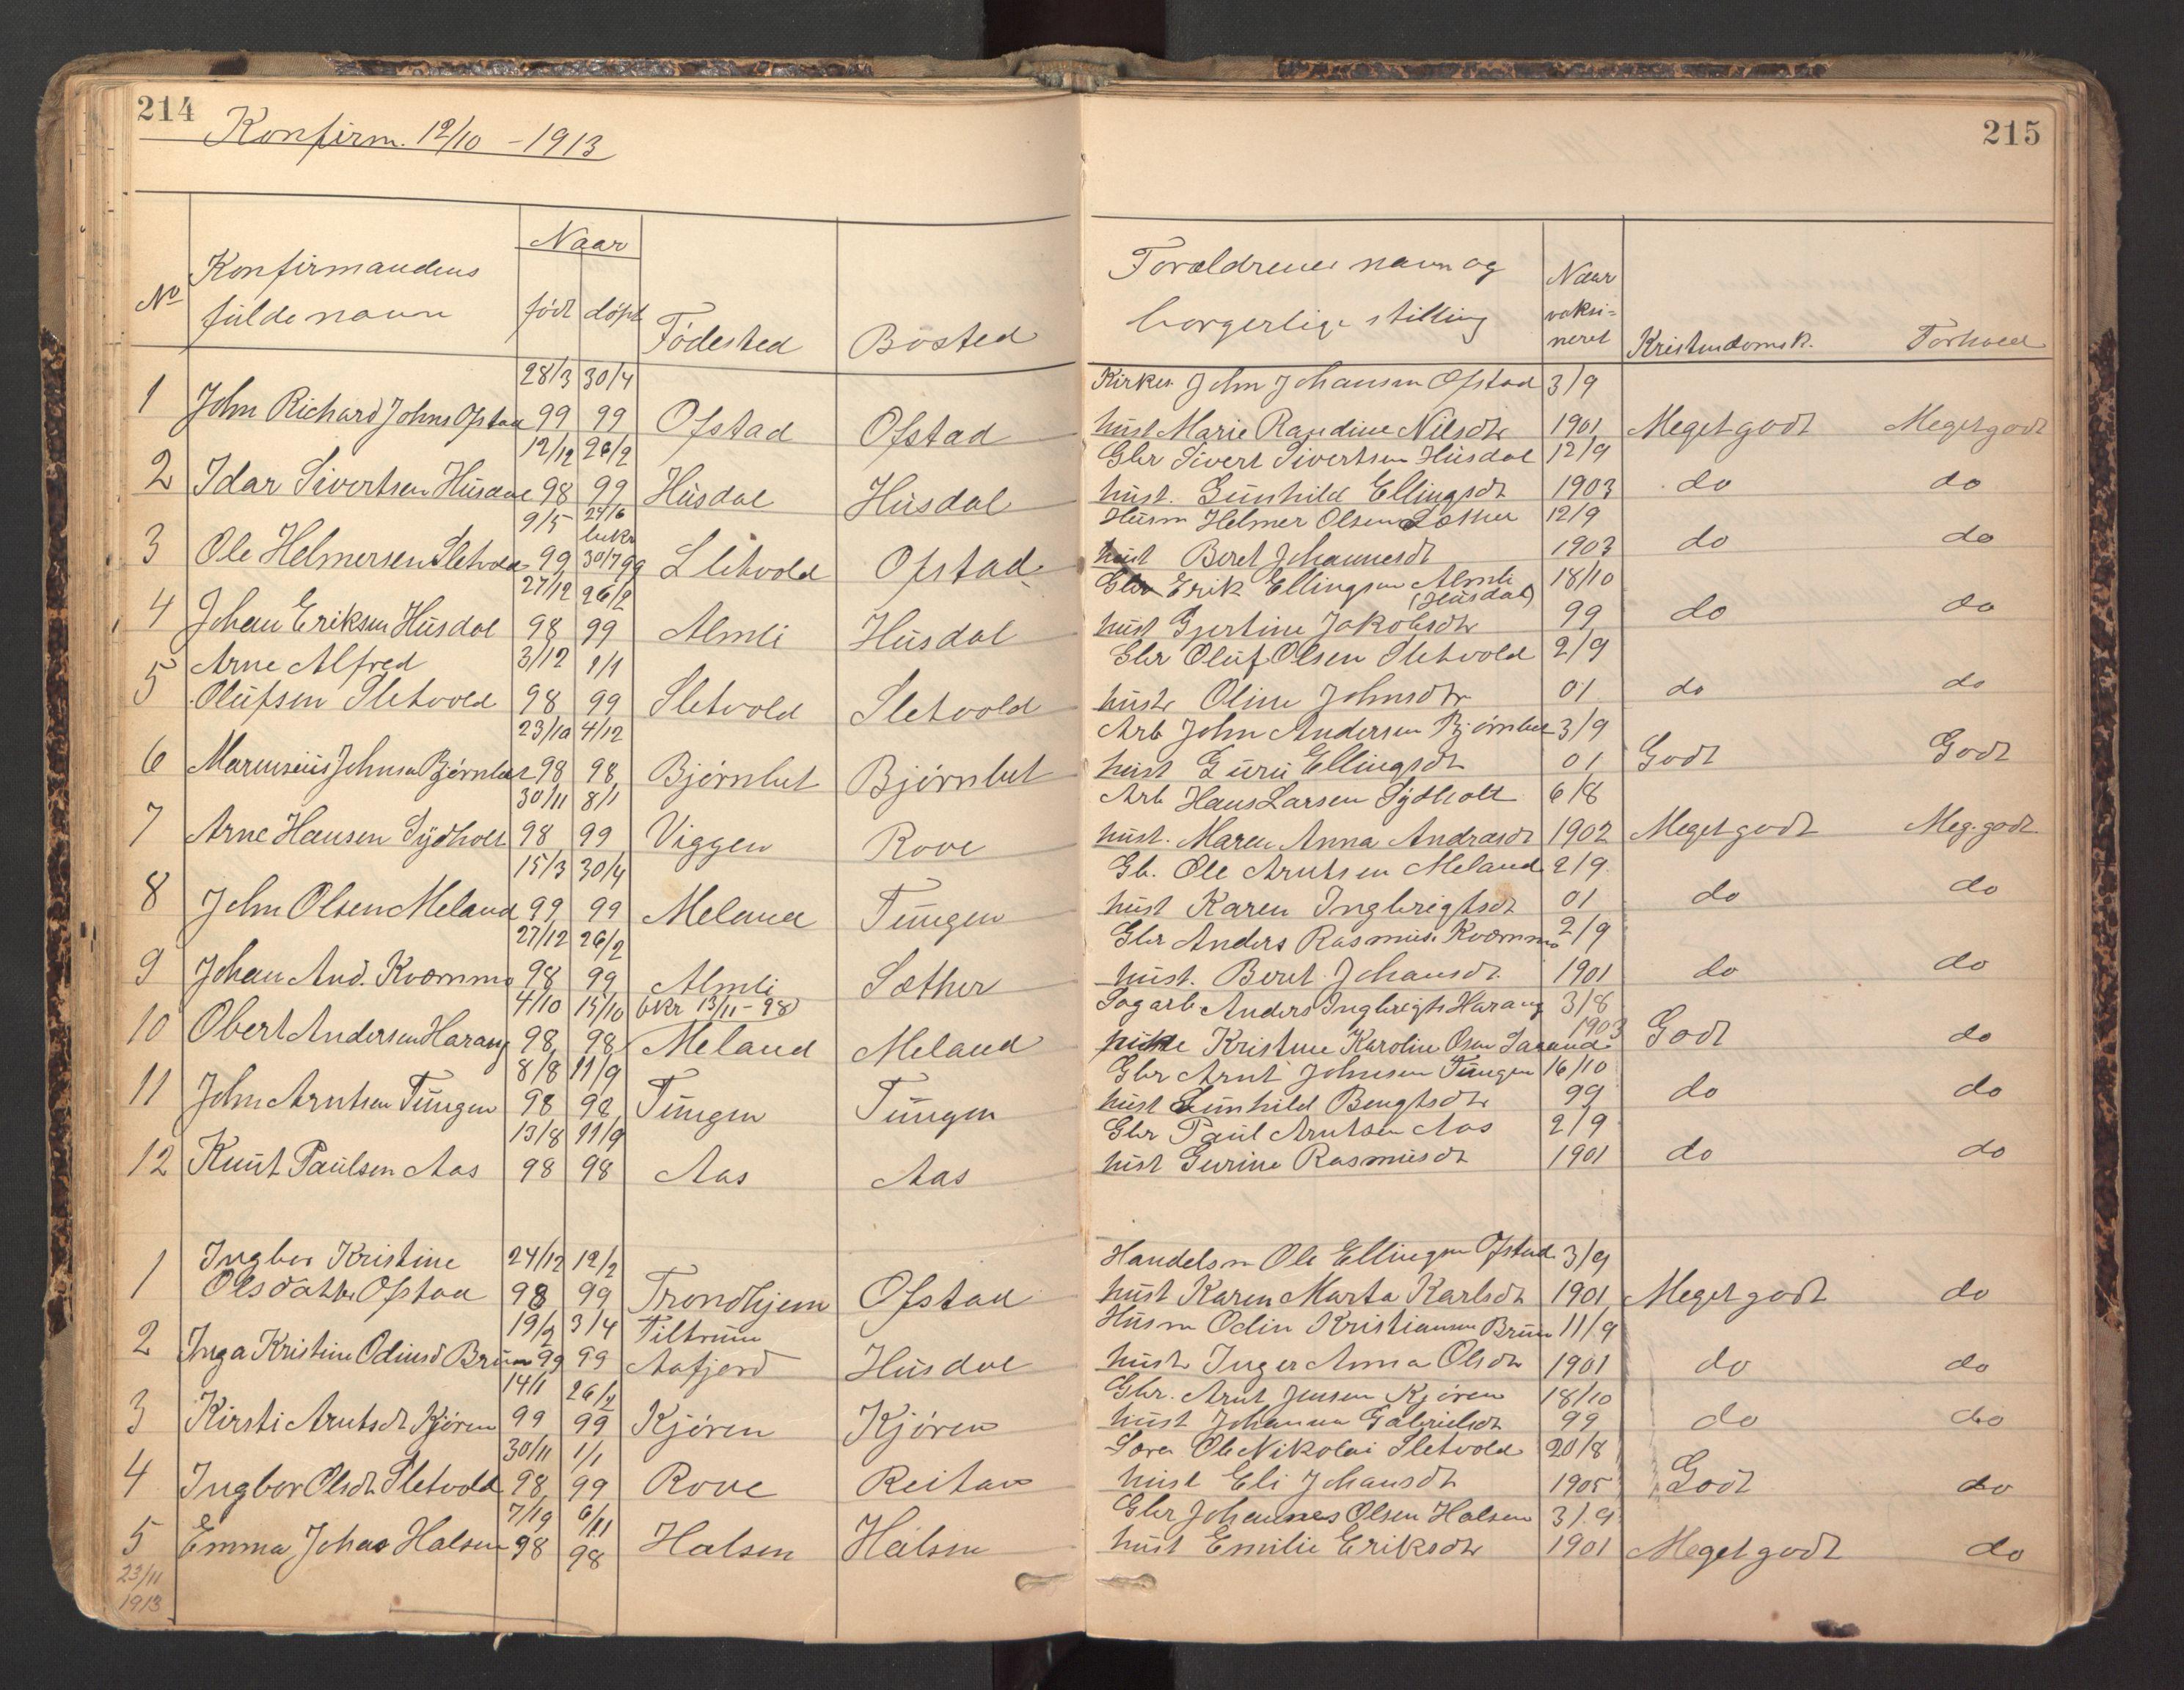 SAT, Ministerialprotokoller, klokkerbøker og fødselsregistre - Sør-Trøndelag, 670/L0837: Klokkerbok nr. 670C01, 1905-1946, s. 214-215